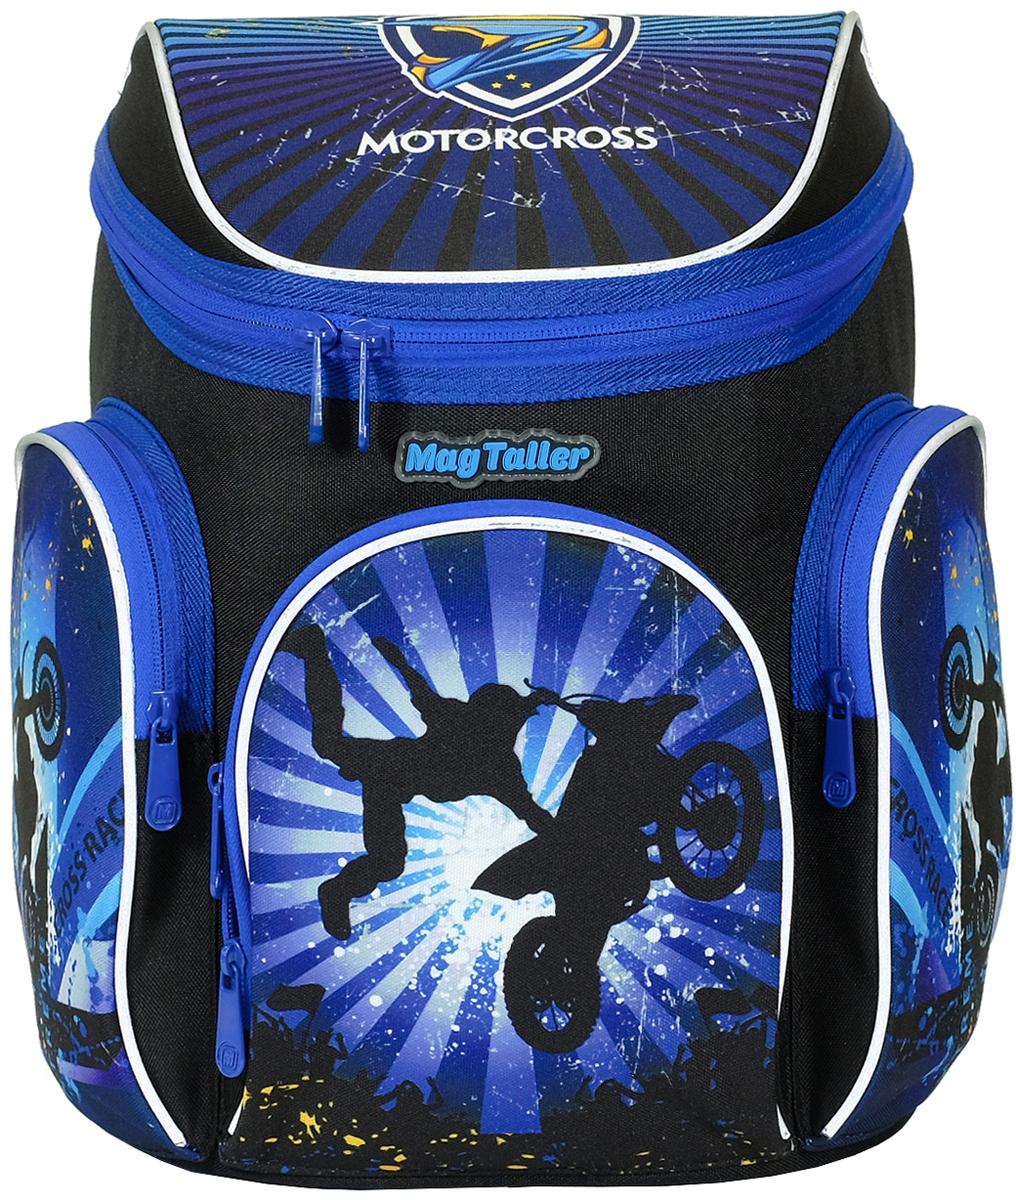 Magtaller Ранец школьный Boxi Motorcross20616-32Ранец Boxi, Motocross - 38х29х19 см - 600D Polyester - принт - корпус, усиленный пластиковым каркасом; - эргономичная и вентилируемая спина; - дно из PVC надежно защищает содержимое ранца от воды и грязи; - регулируемые лямки; - клапан на молнии с карманом под расписание; - основное отделение с подвижной перегородкой; - передний карман с органайзером и два боковых кармана на молнии; - светоотражающие элементы спереди, сбоку, на плечевых лямках; - вес 850 г.